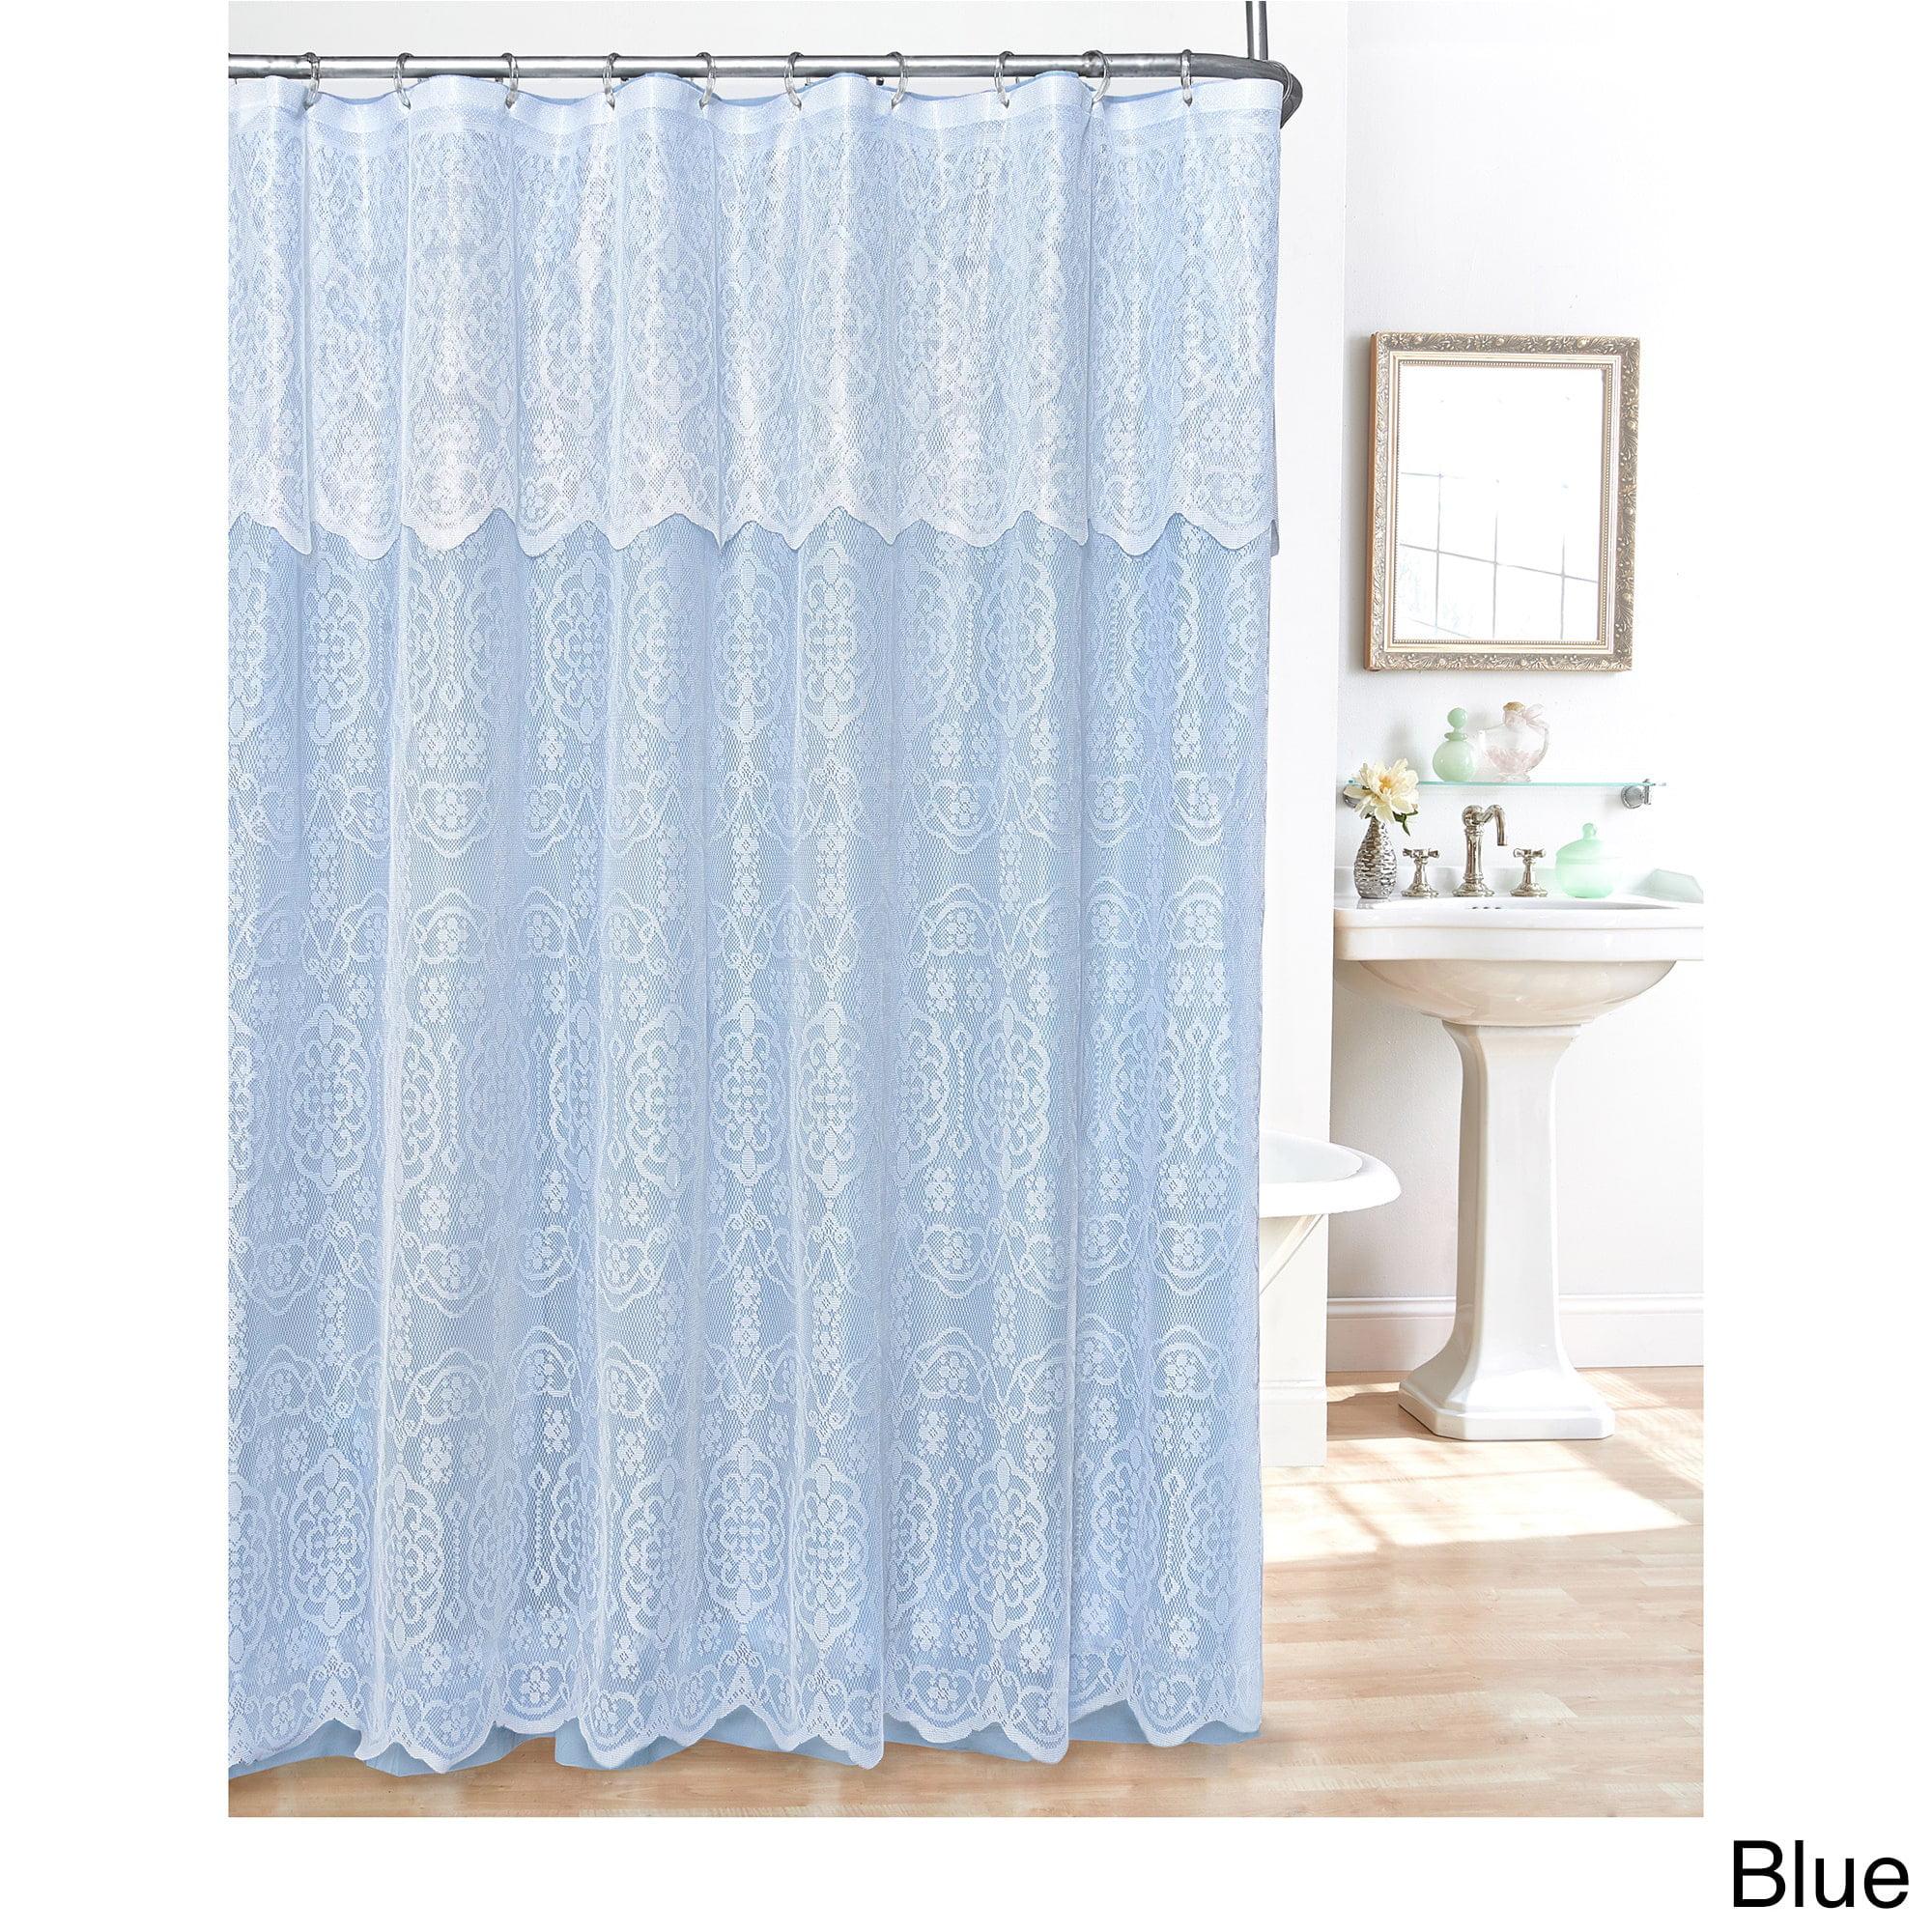 Lace Shower Curtain Beige Lace Shower Curtain - Walmart.com